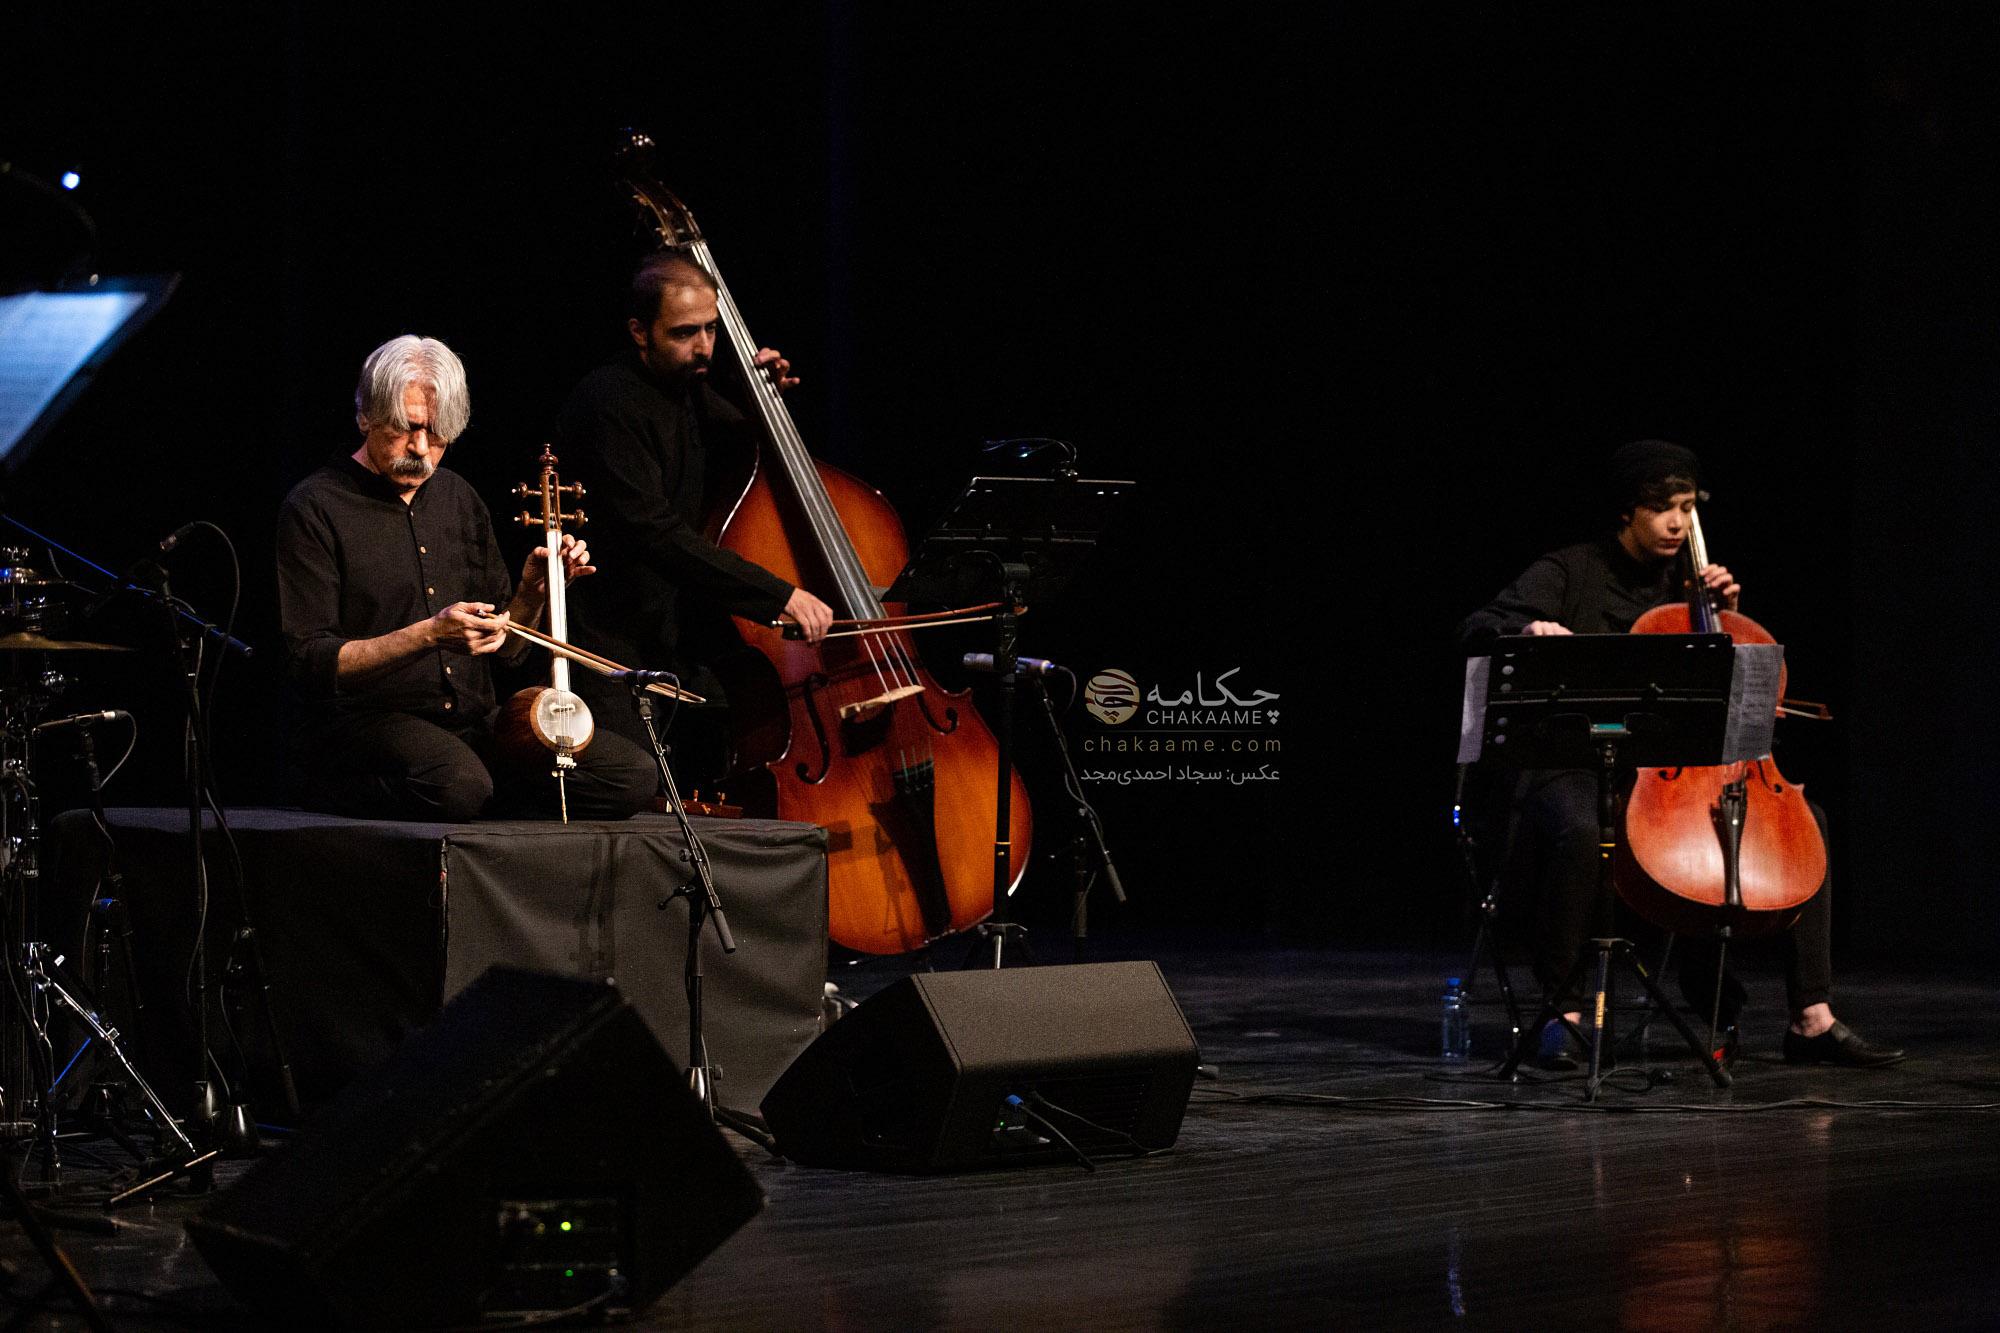 کنسرت کیهان کلهر - تیرماه ۹۸